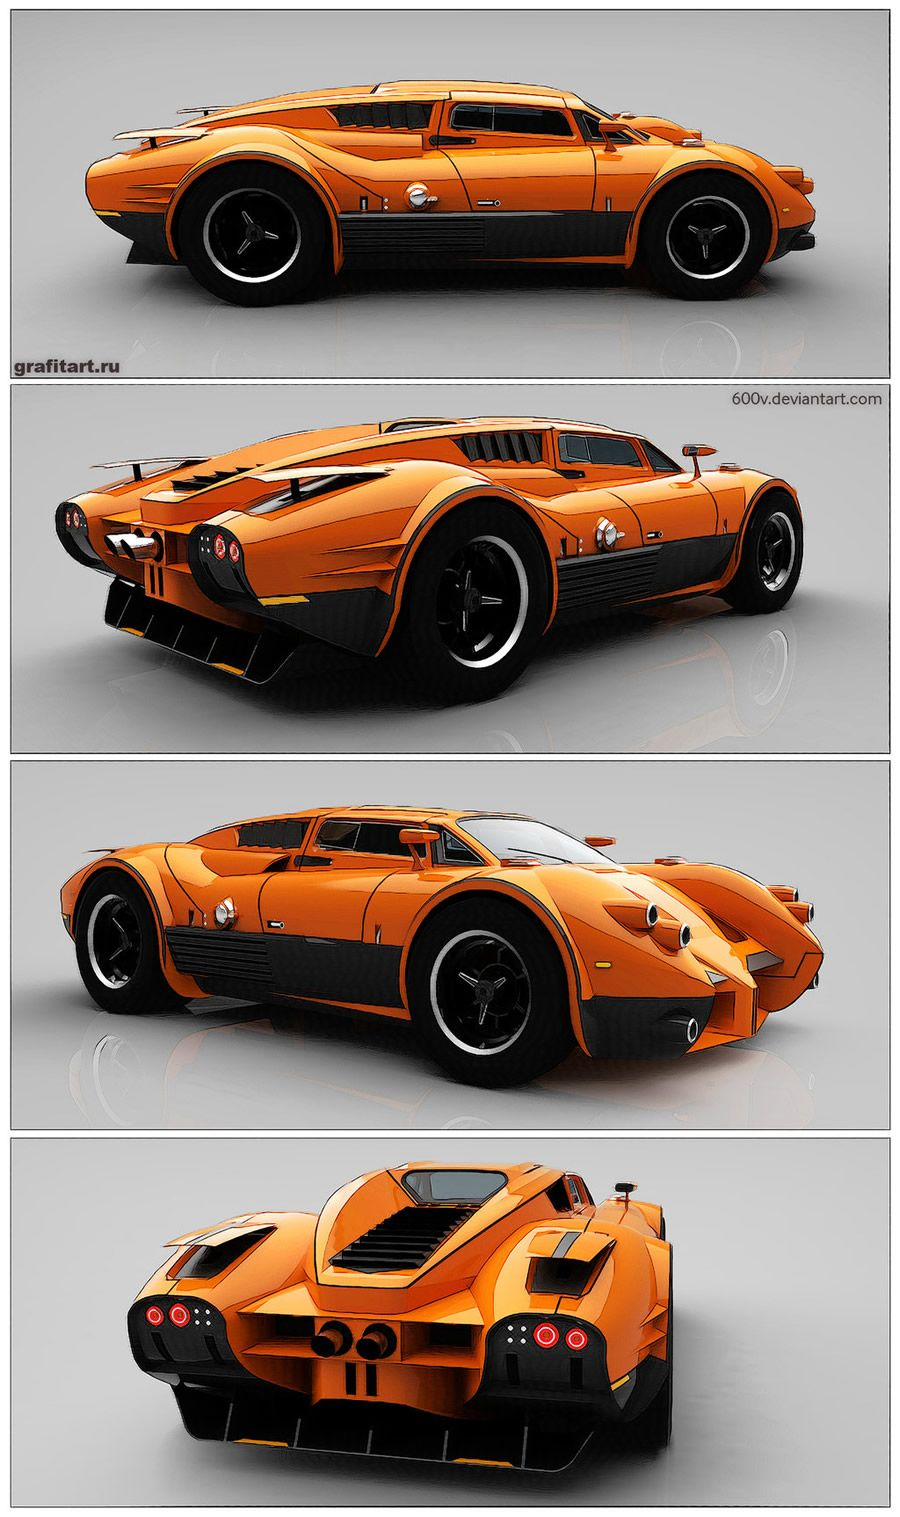 Slick Car Concepts By 600v Concept Cars Futuristic Cars Car